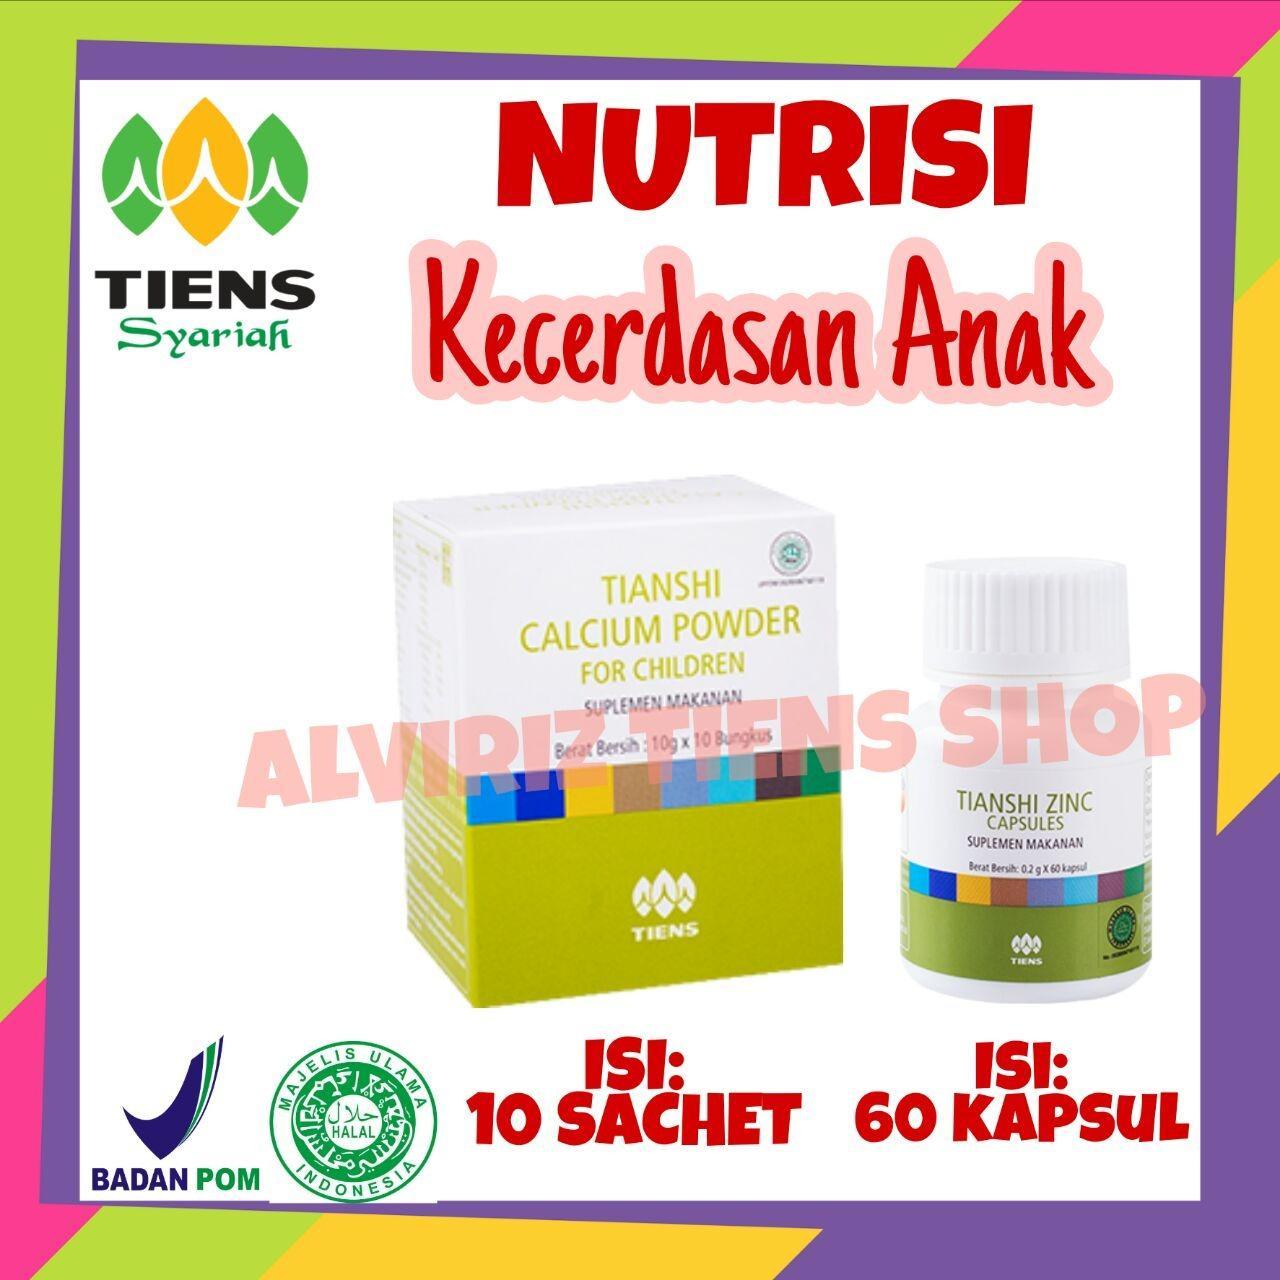 Harga Jual Tiens Vitaline 30 Softgel Suplemen Antioksidan Vitamin E Ever Isi Softgels Alviriz Shop Murah Garansi Dan Berkualitas 41